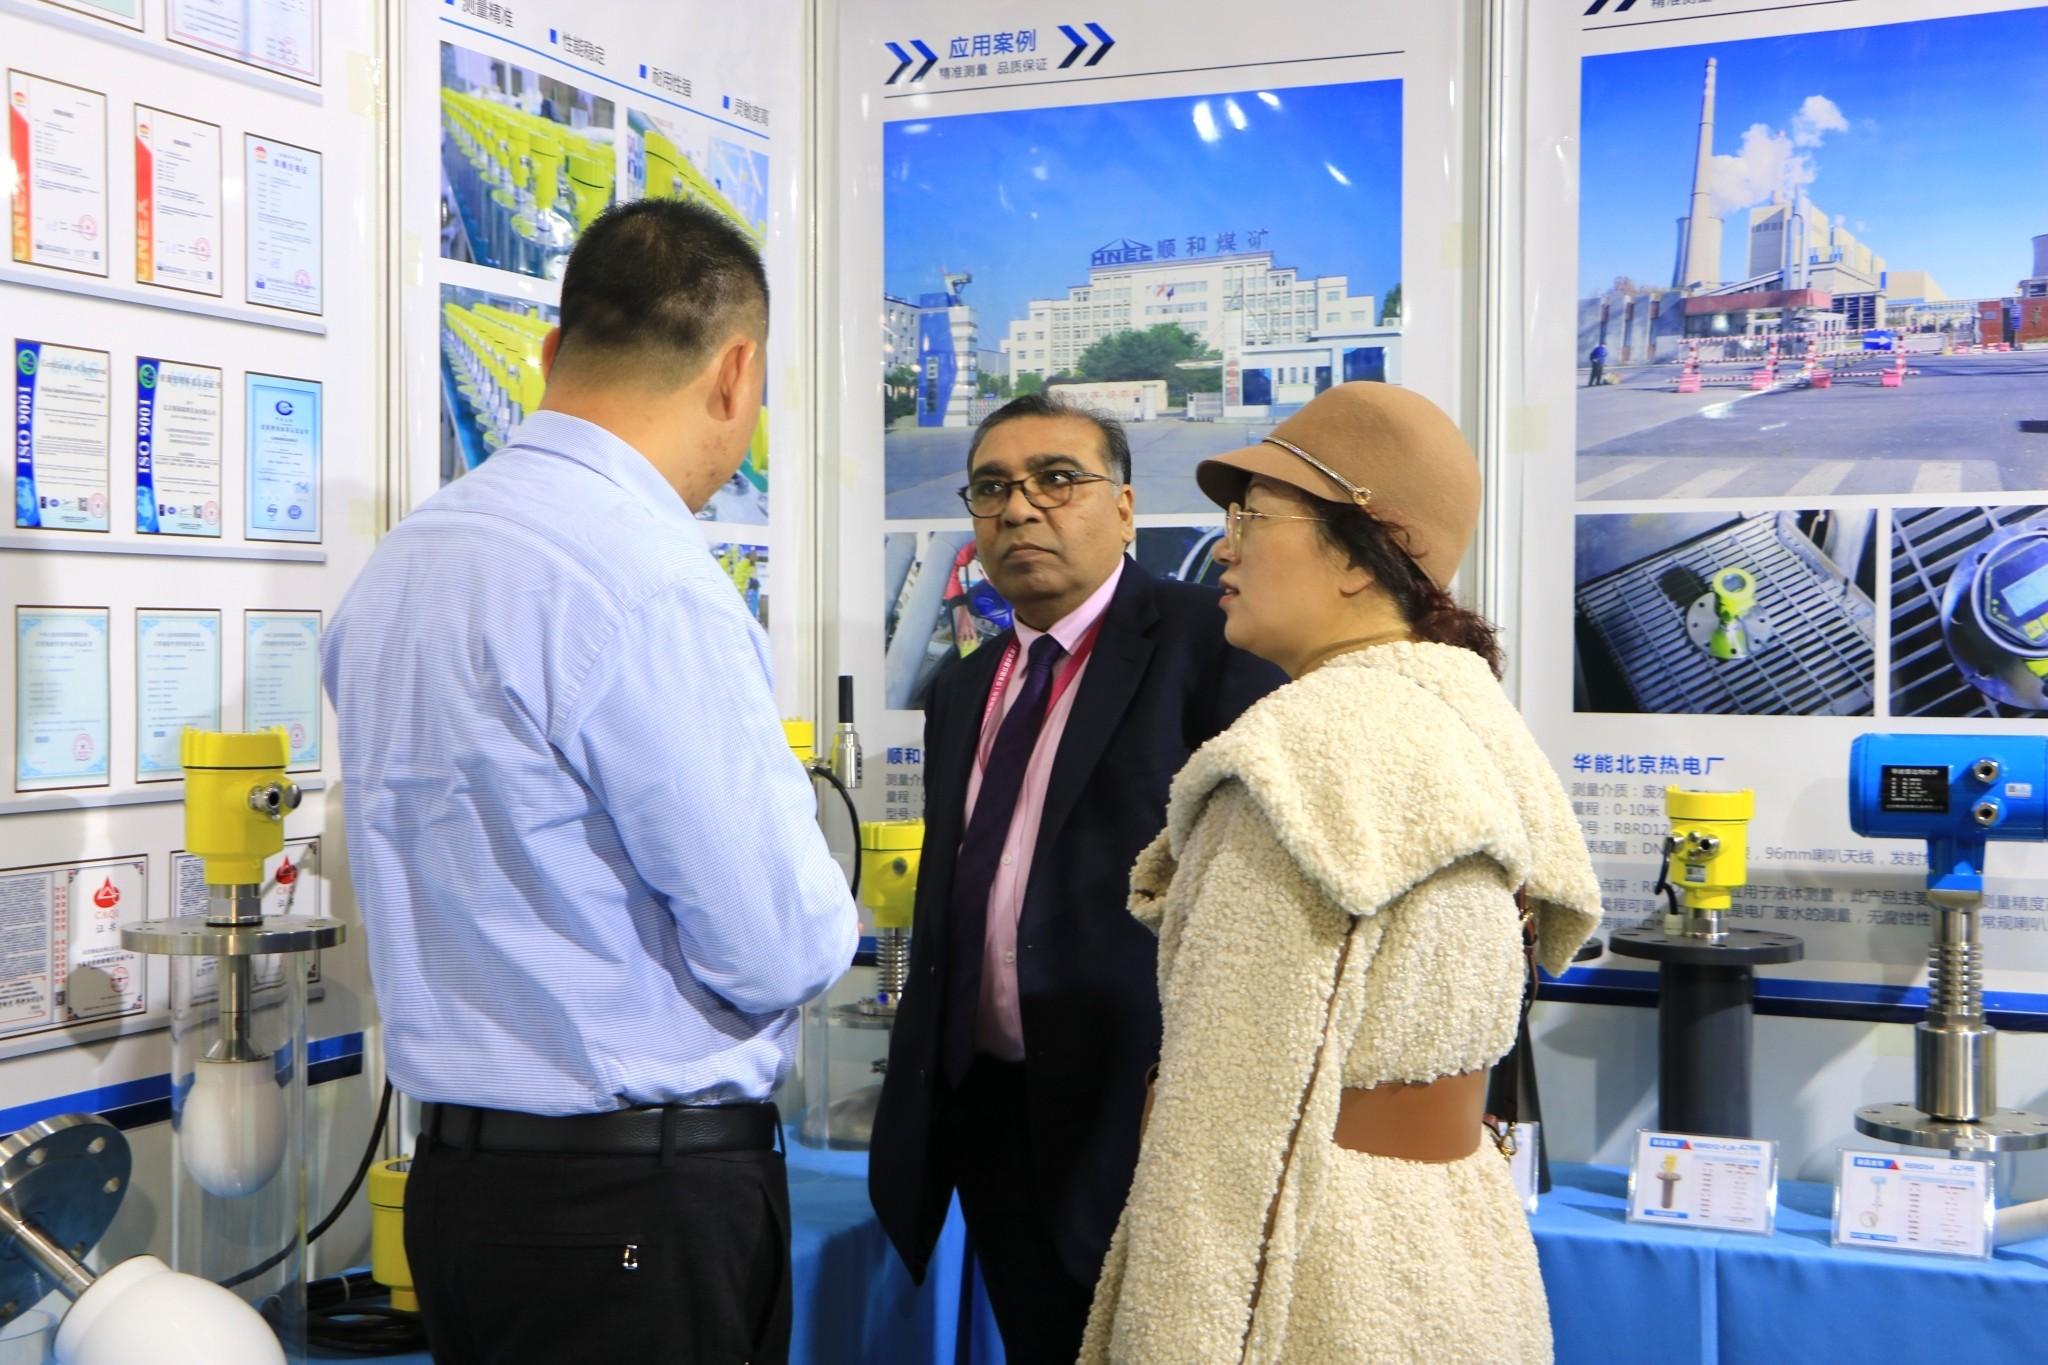 第30届中国国际测量控制与仪器万博手机APP展览会